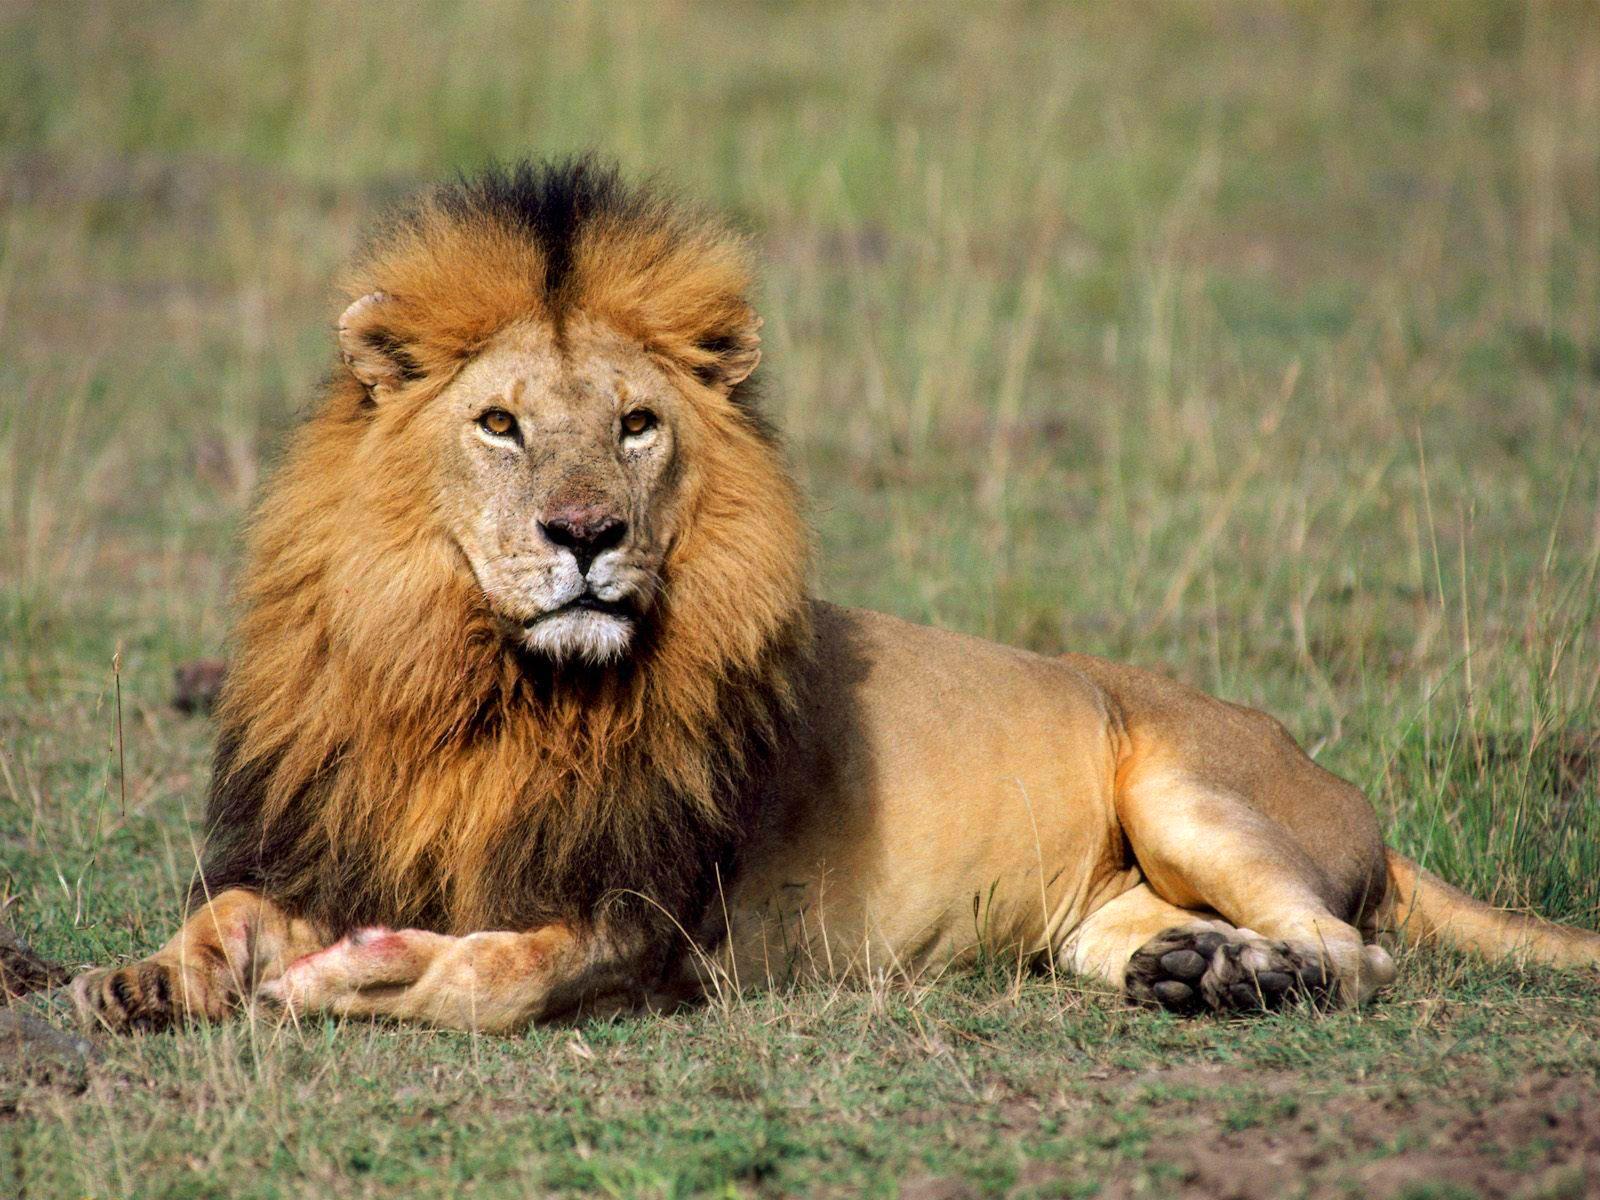 http://4.bp.blogspot.com/-AwZafHo0Ehg/TptW2TWa60I/AAAAAAAAAkk/sWlgu-FL8FE/s1600/Lion%20wallpapers%20hd.jpeg